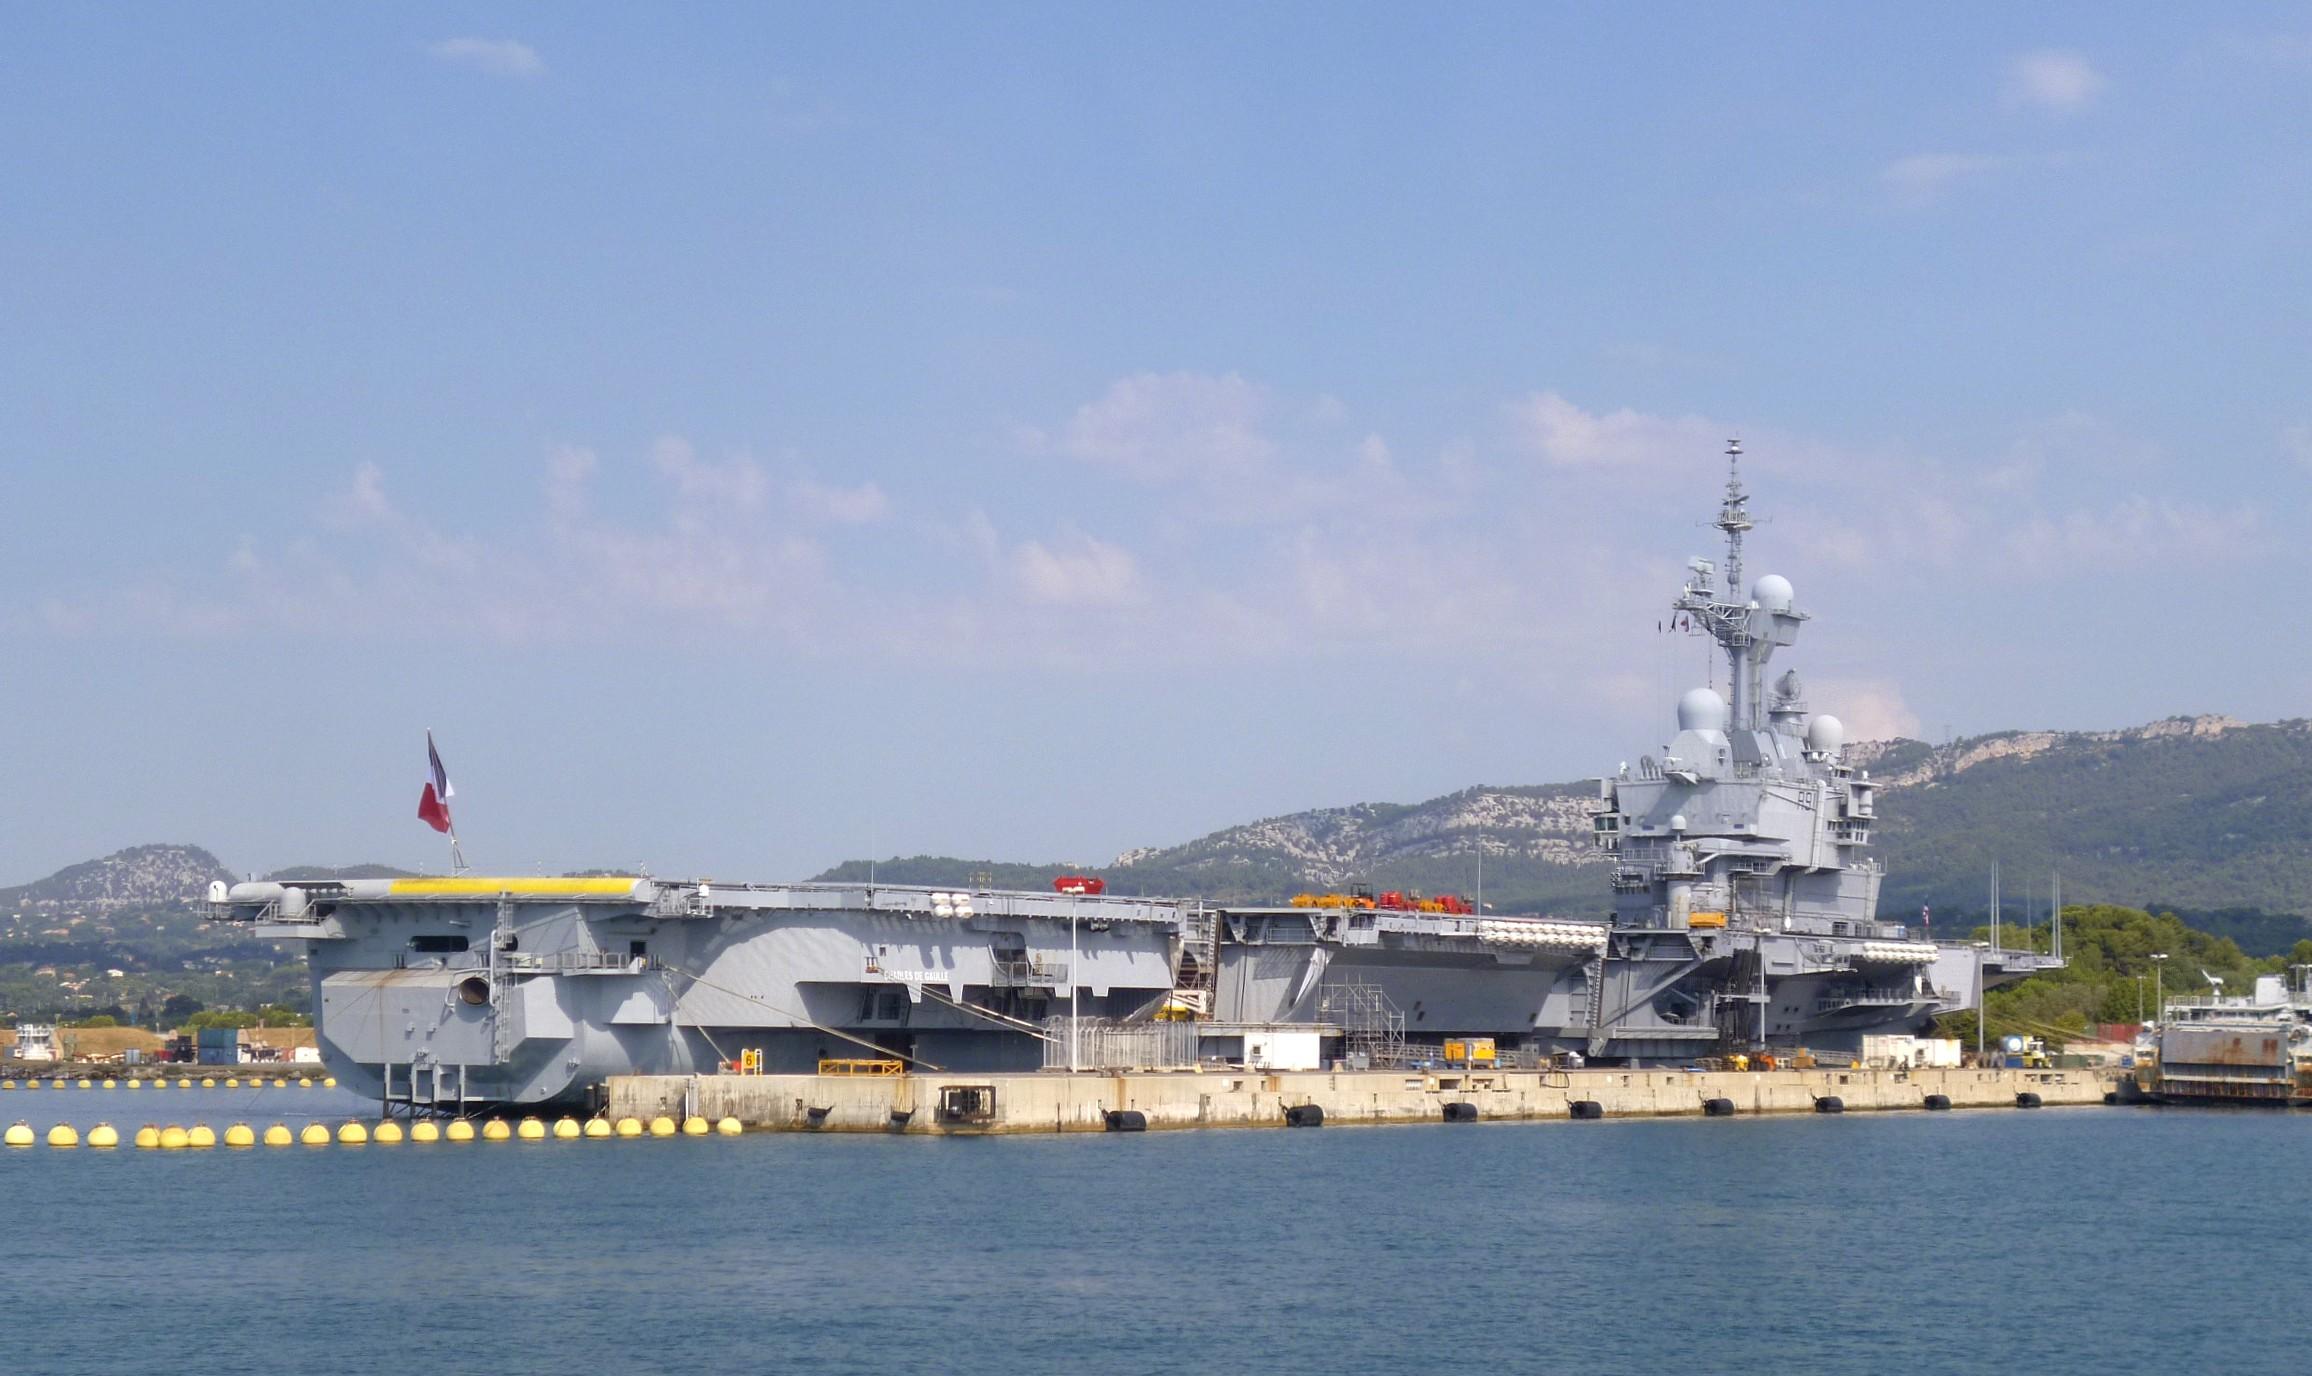 Les news en images du port de TOULON - Page 37 9565023512_83c59a3649_o